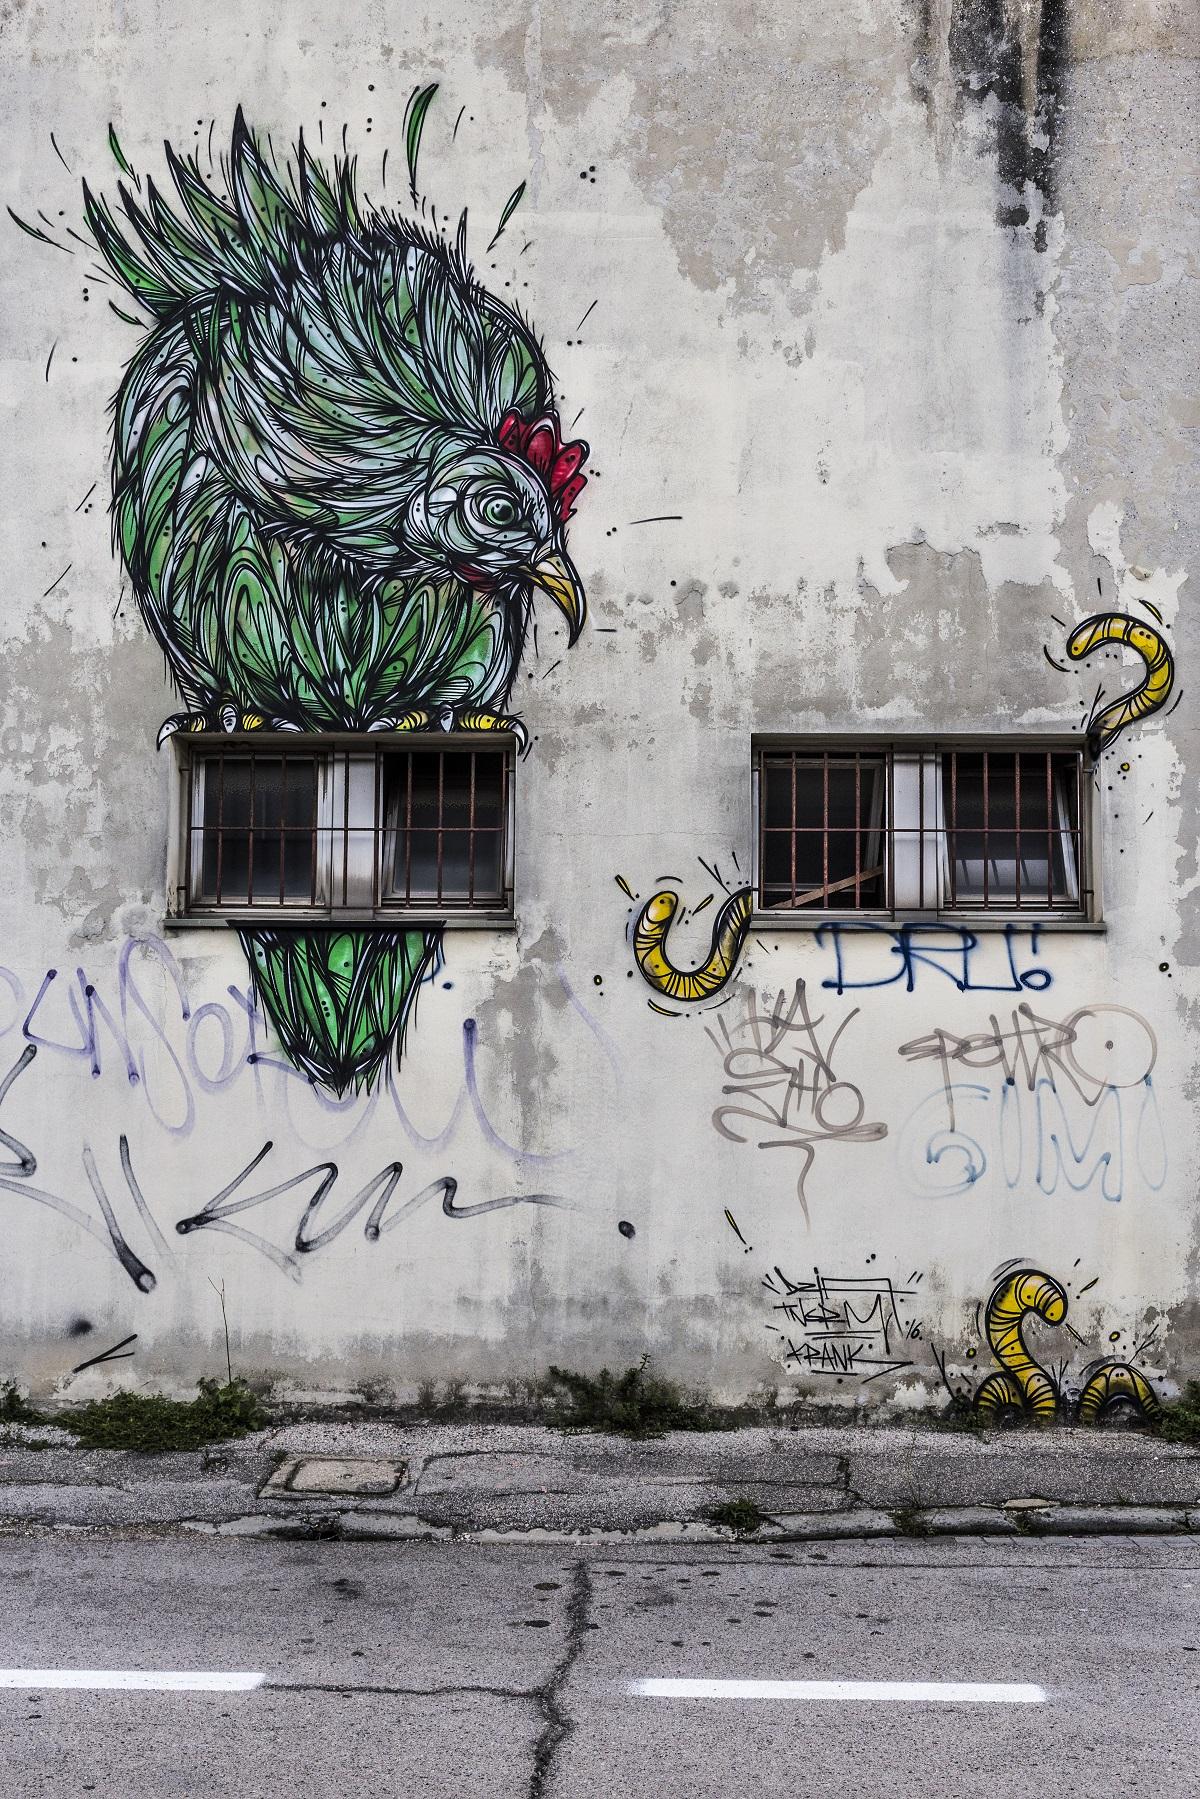 Una città che non si è adagiata sugli allori e lo splendore di un tempo: Ravenna è una città nuova e viva grazie ai fantastici murales in giro per la città! #ravennastreetart